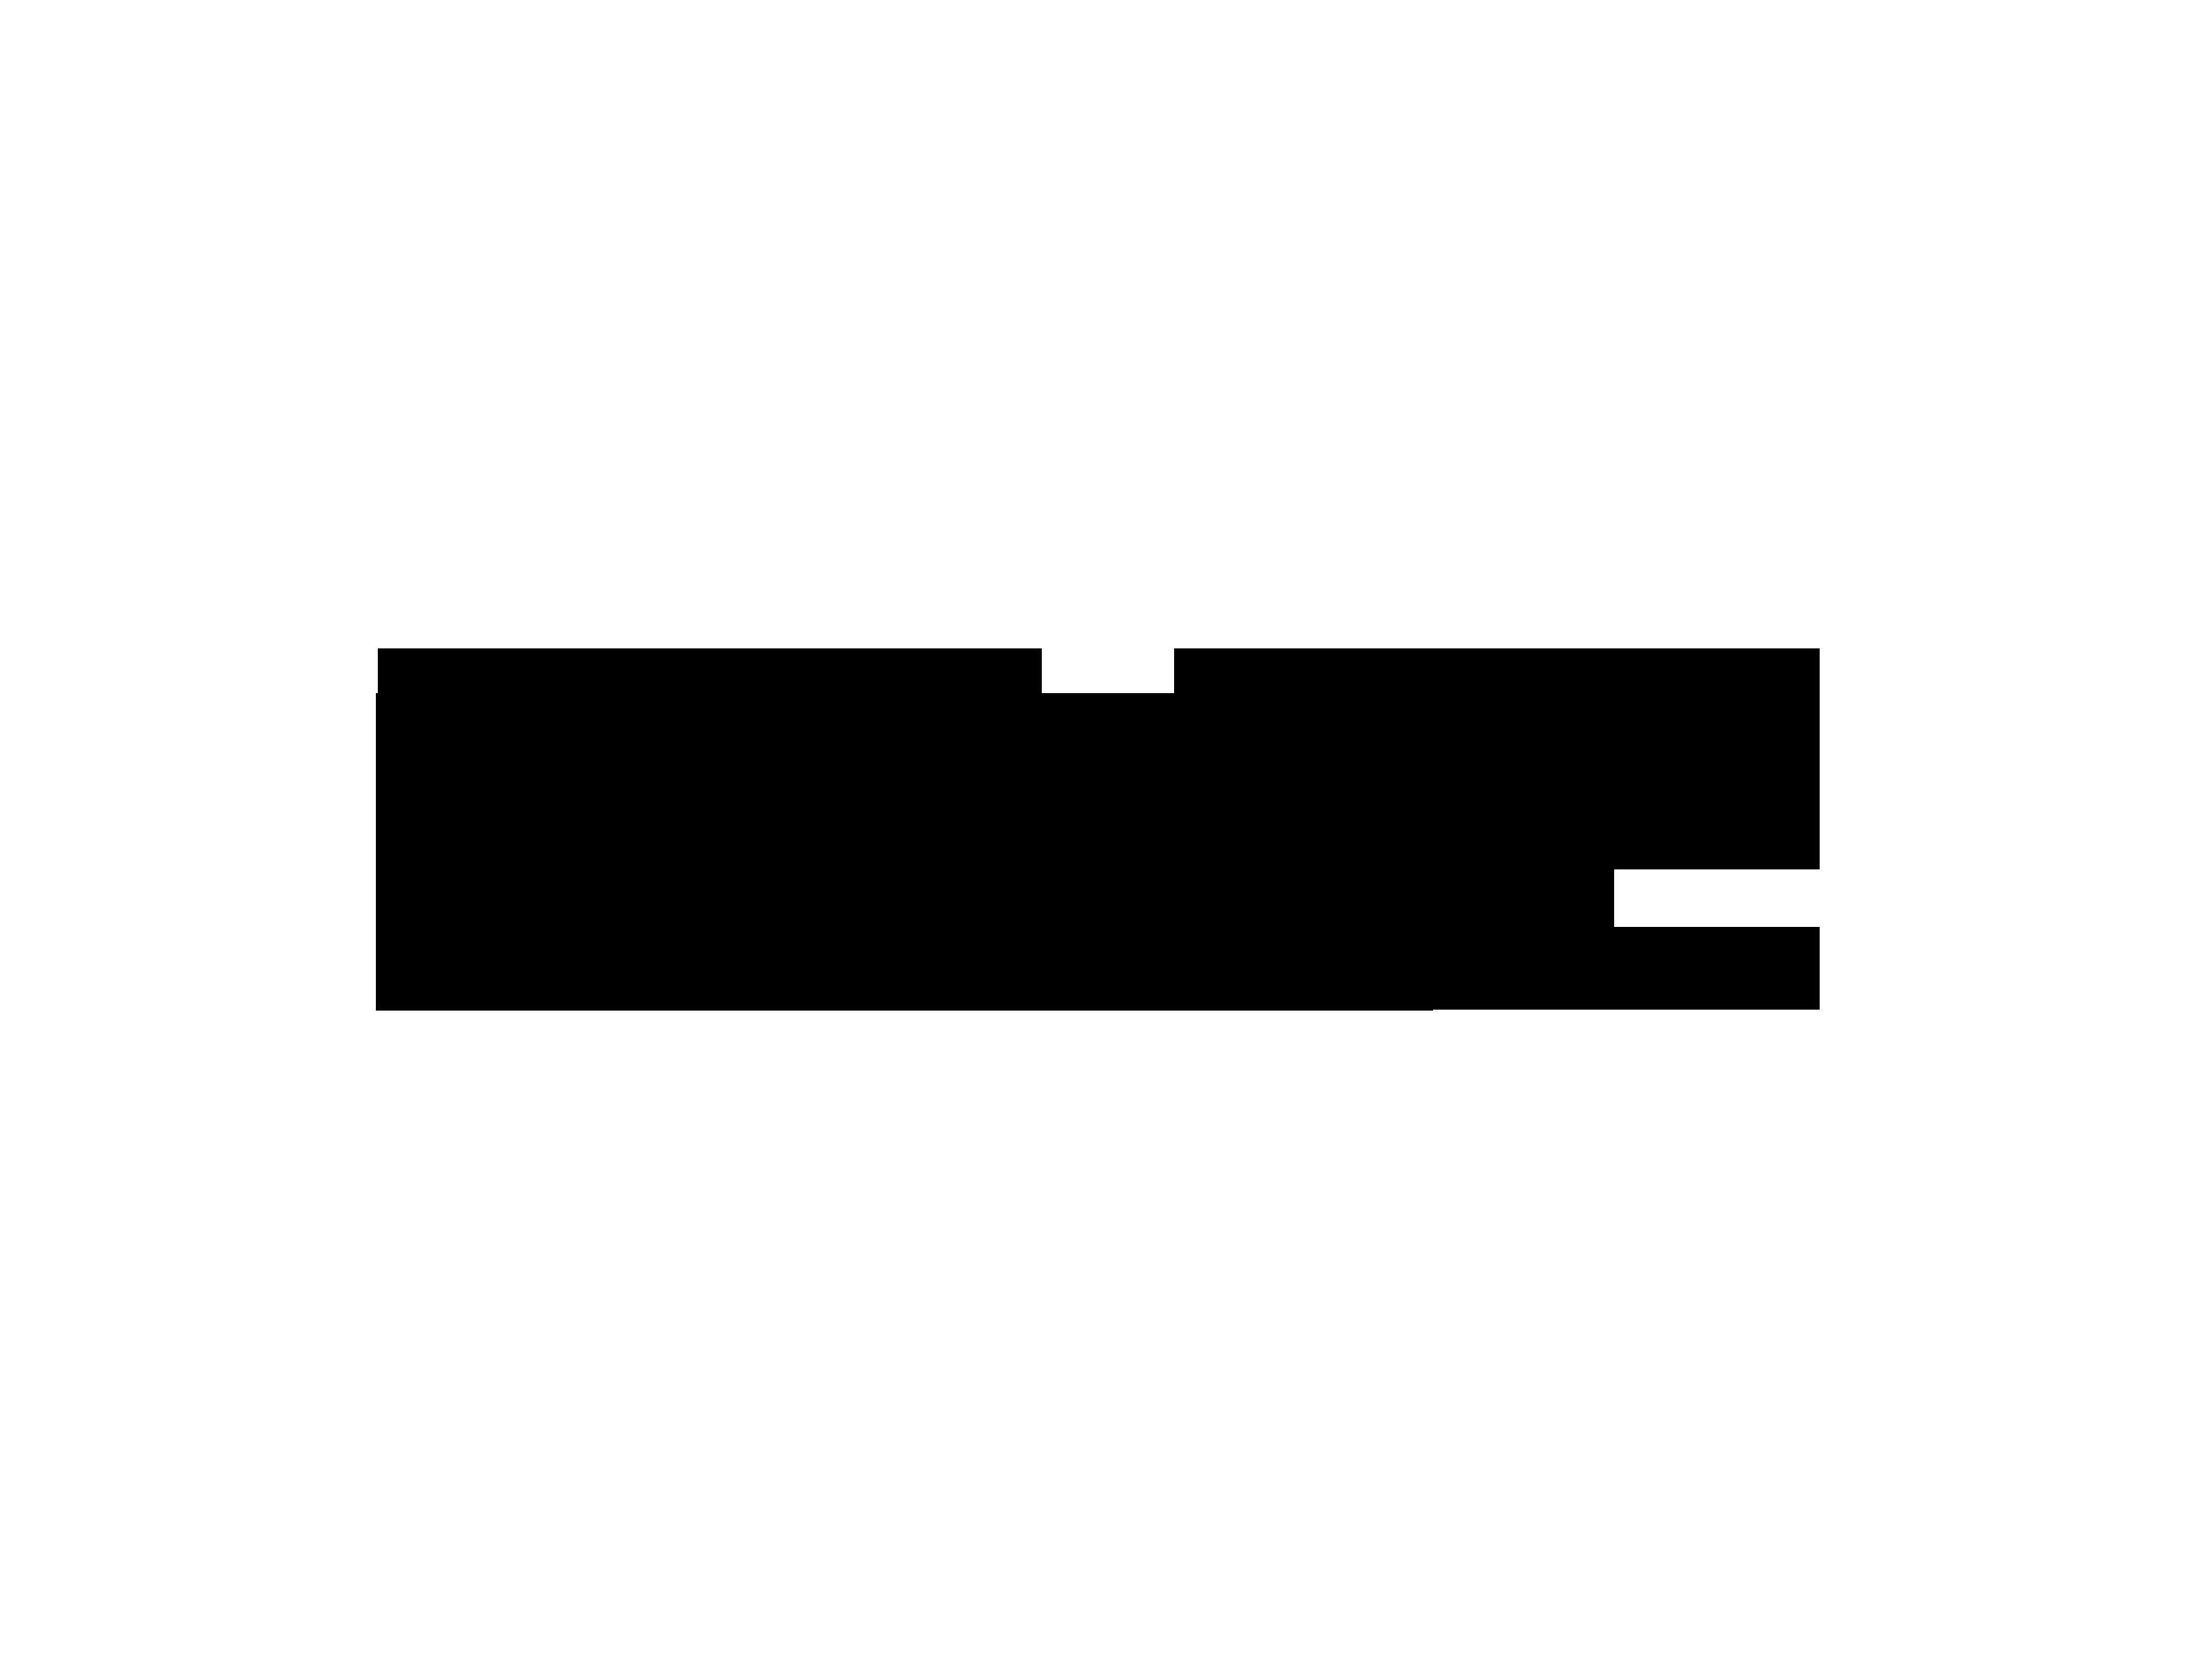 Axe Black Logo PNG - 105740